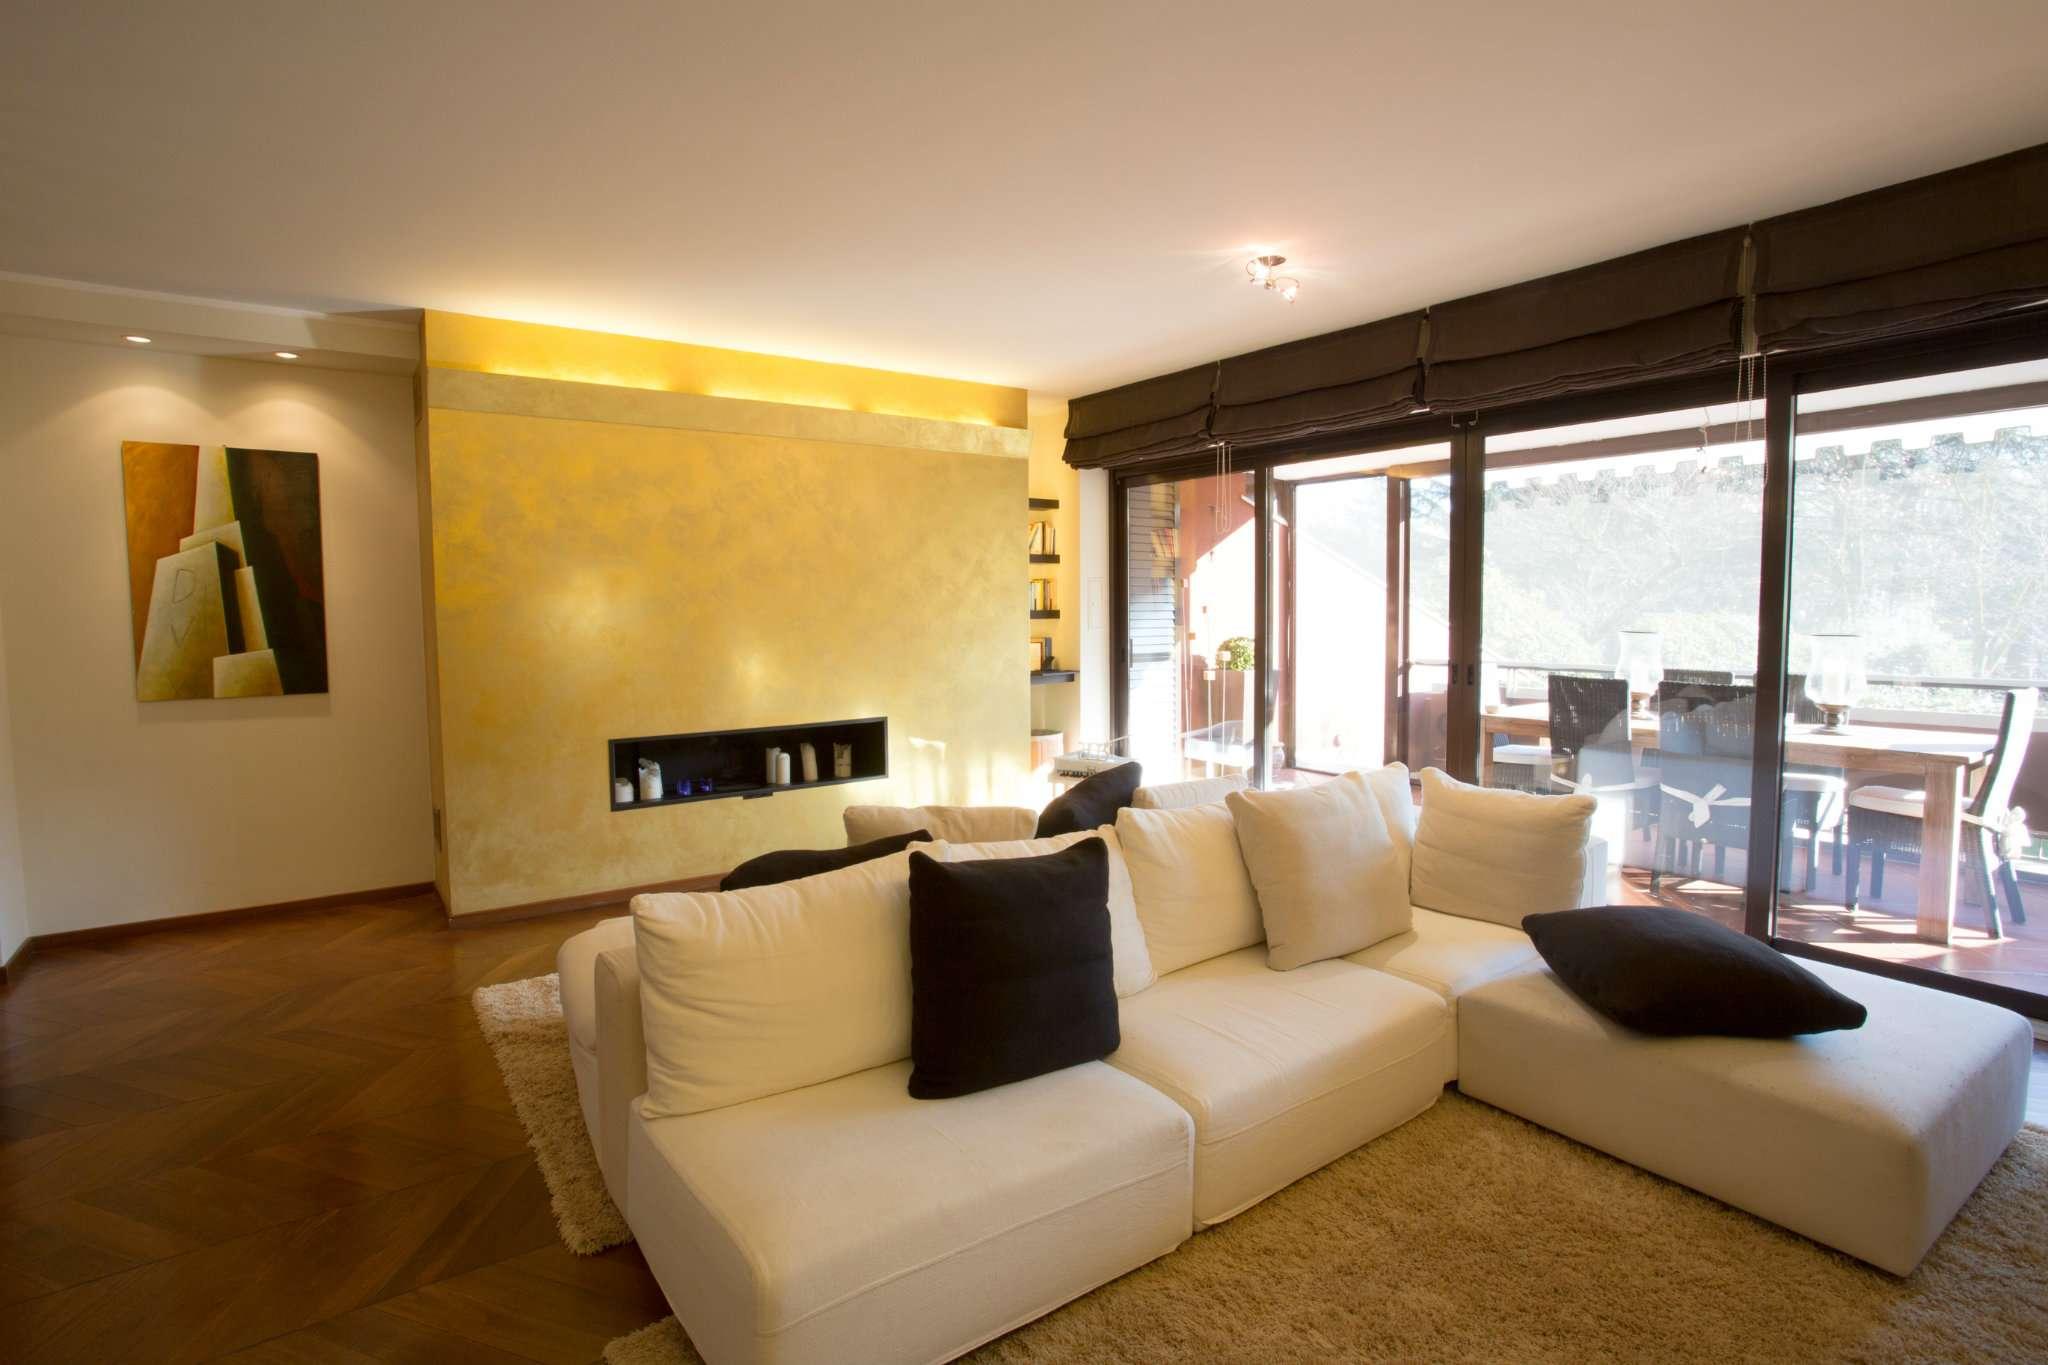 Villa in vendita a Basiglio, 9999 locali, Trattative riservate | CambioCasa.it